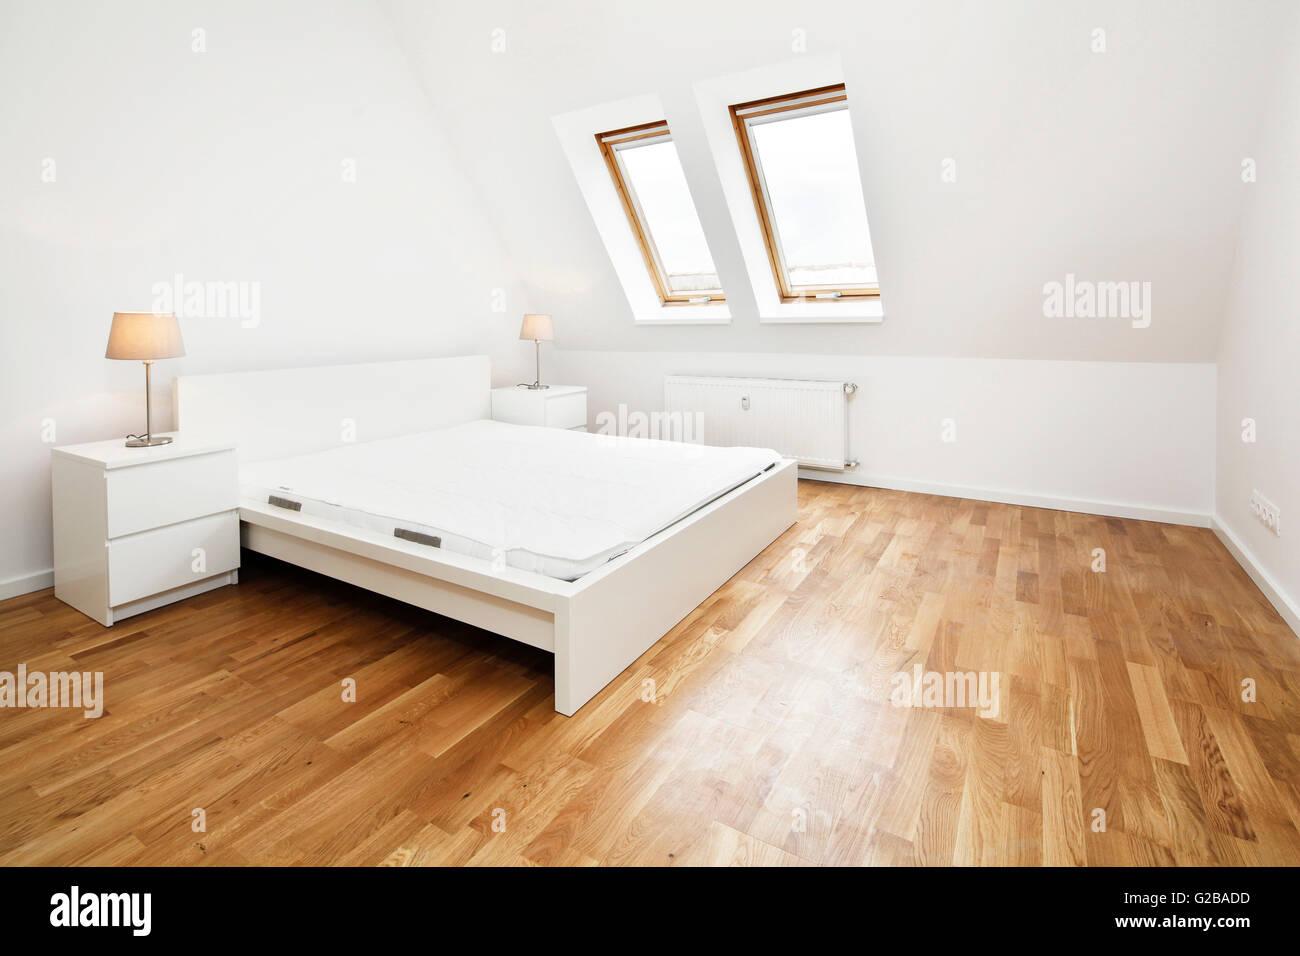 Moderne Schlafzimmer Mit Schrägen Wänden. Weiße Wände Und Holzböden Mit  Minimalen Möbeln Und Dekoration.